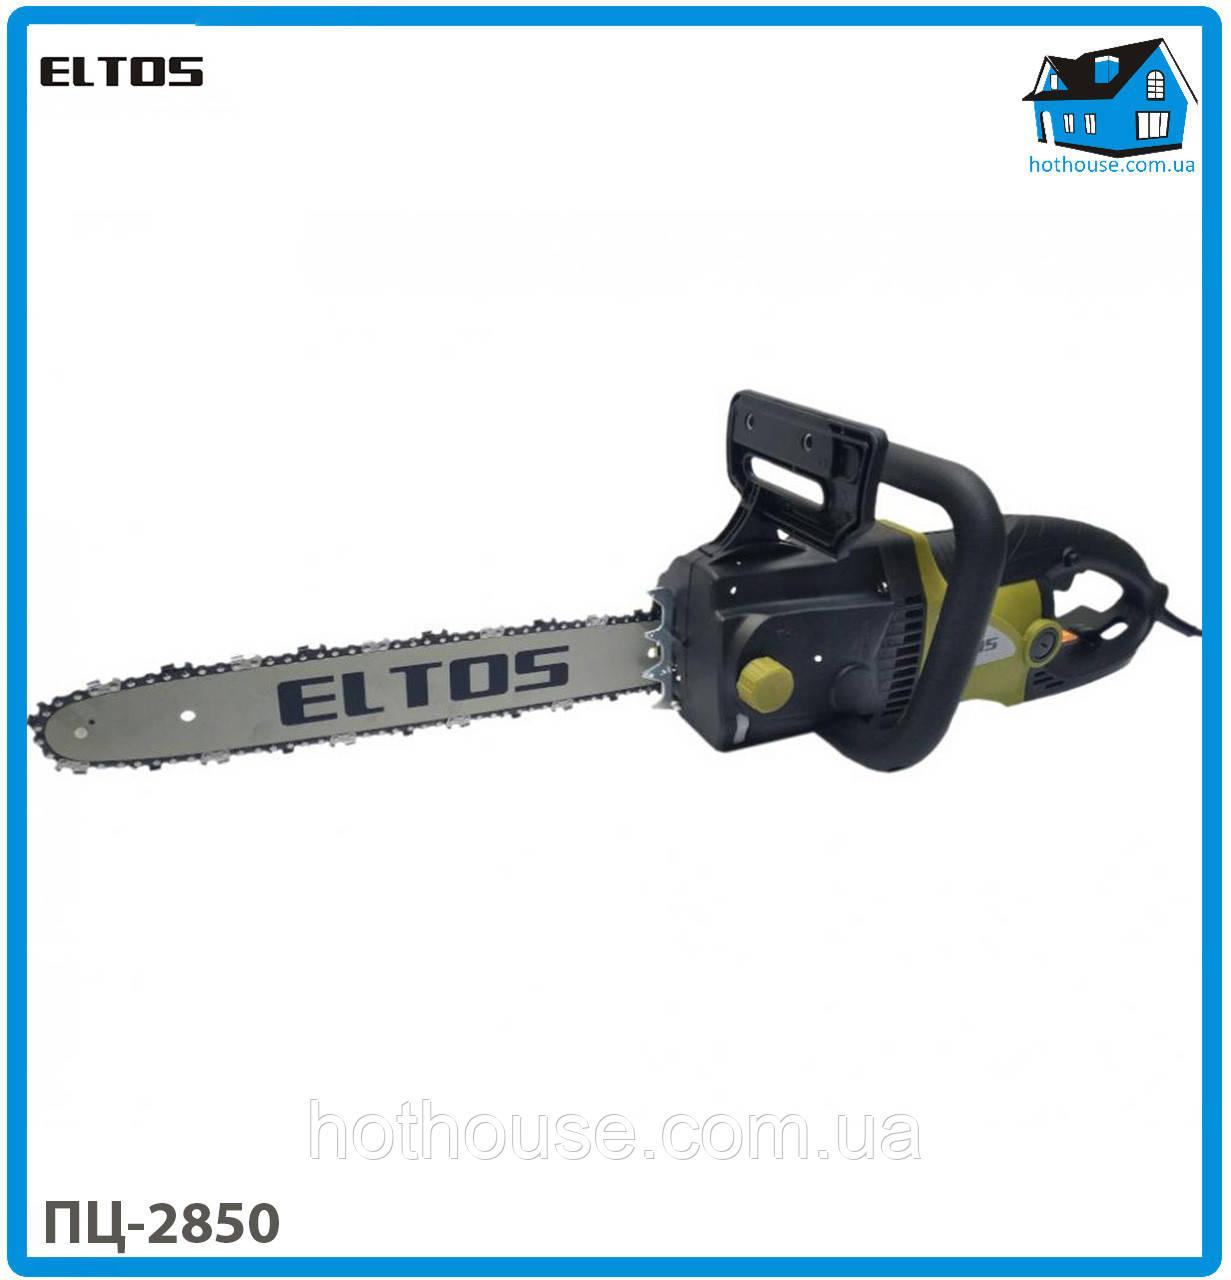 Пила цепная электрическая Eltos ПЦ-2850